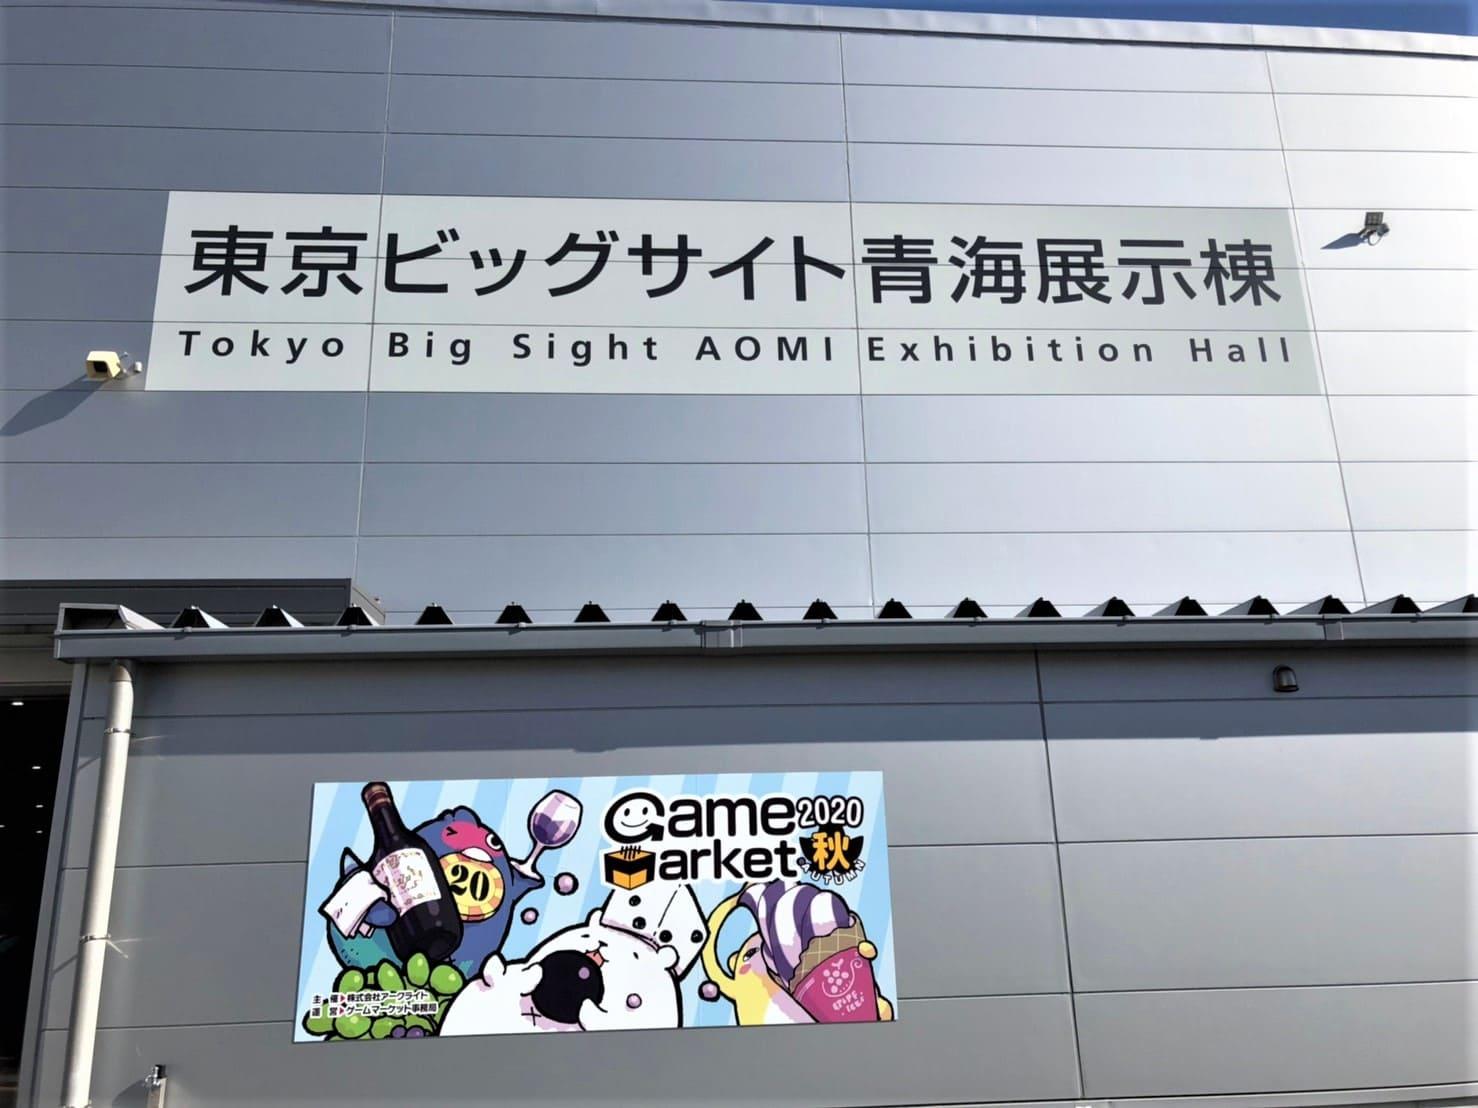 ゲームマーケット2020秋会場-東京ビッグサイト青海展示棟